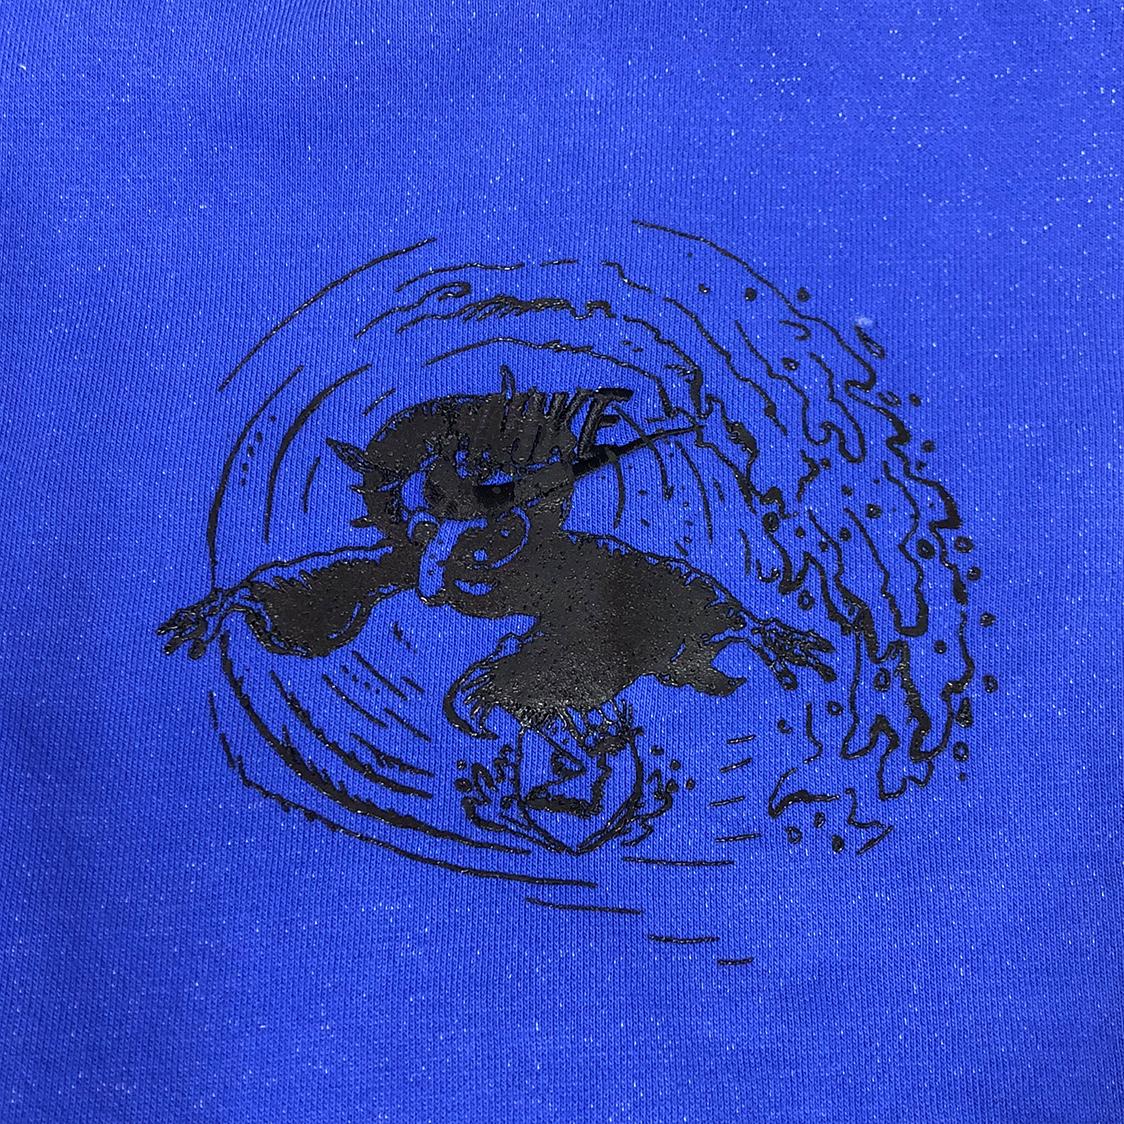 新品 国内未発売 ERL イーアールエル × NIKE Edition ナイキ 【Lサイズ】 Witch フーディ パーカー ブルー オーバーサイズ